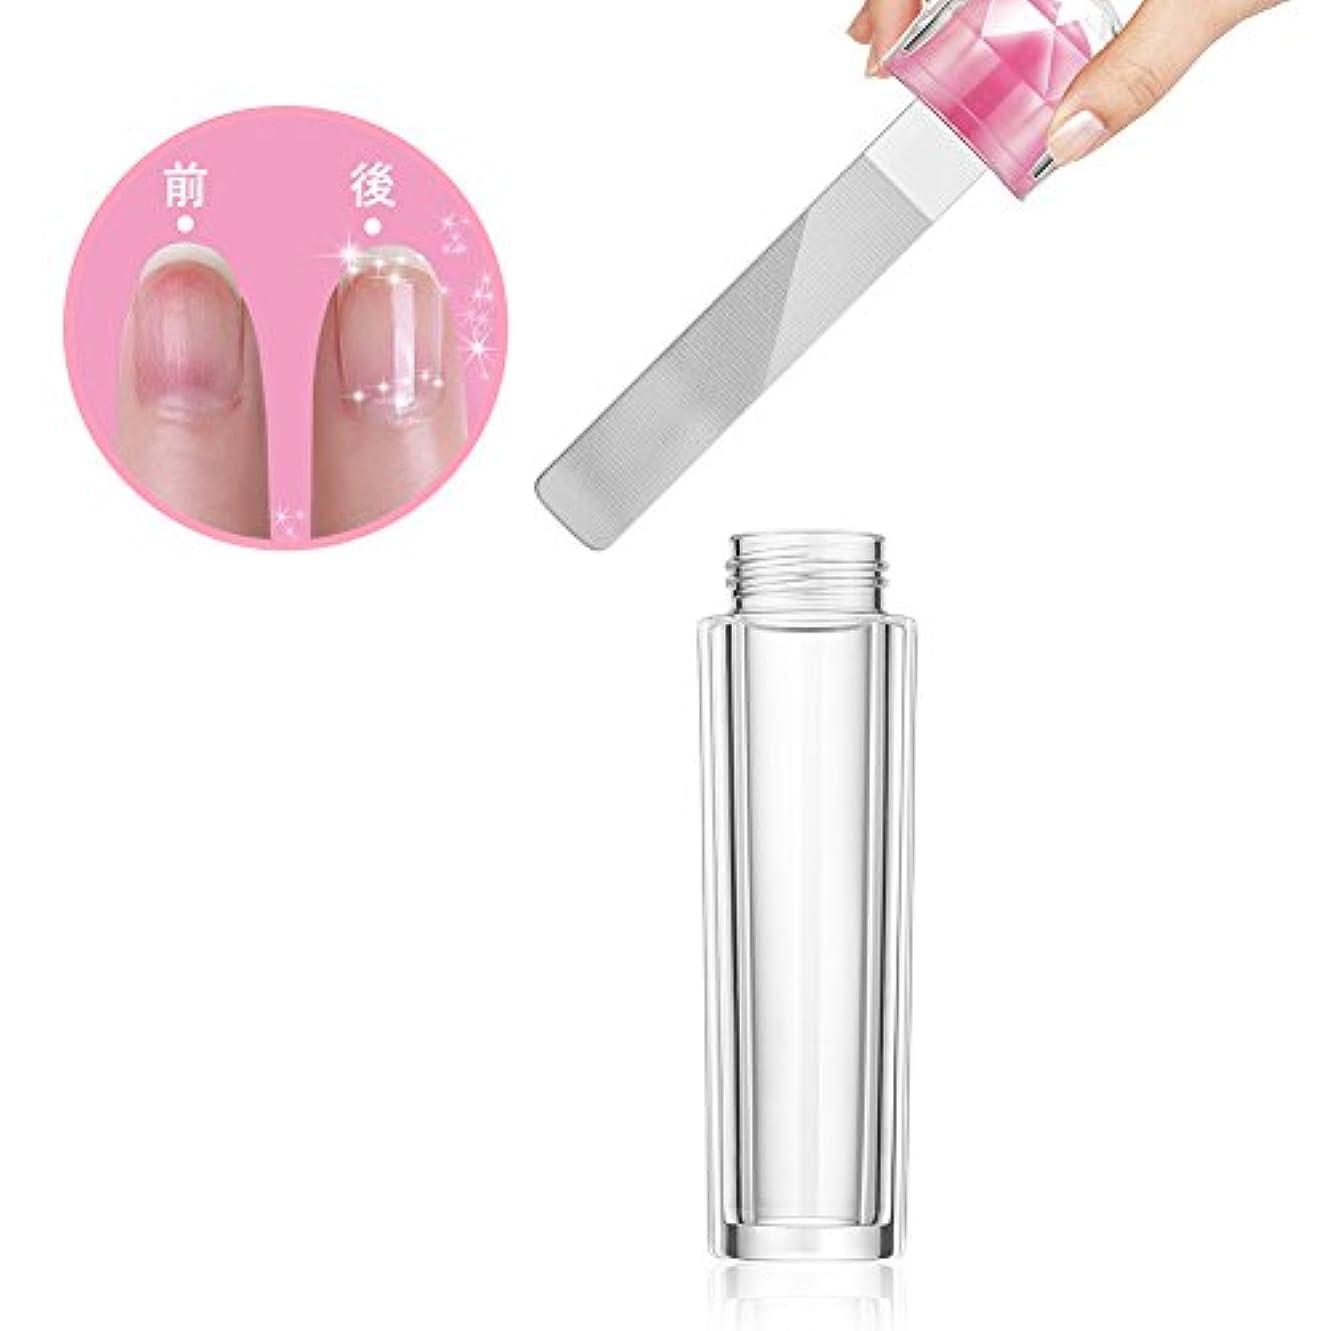 論文大きい顔料ガラス製 爪やすり 爪磨き ネイルケア ケース付き ネイルシャイナー ネイルケア (1個) (1個)